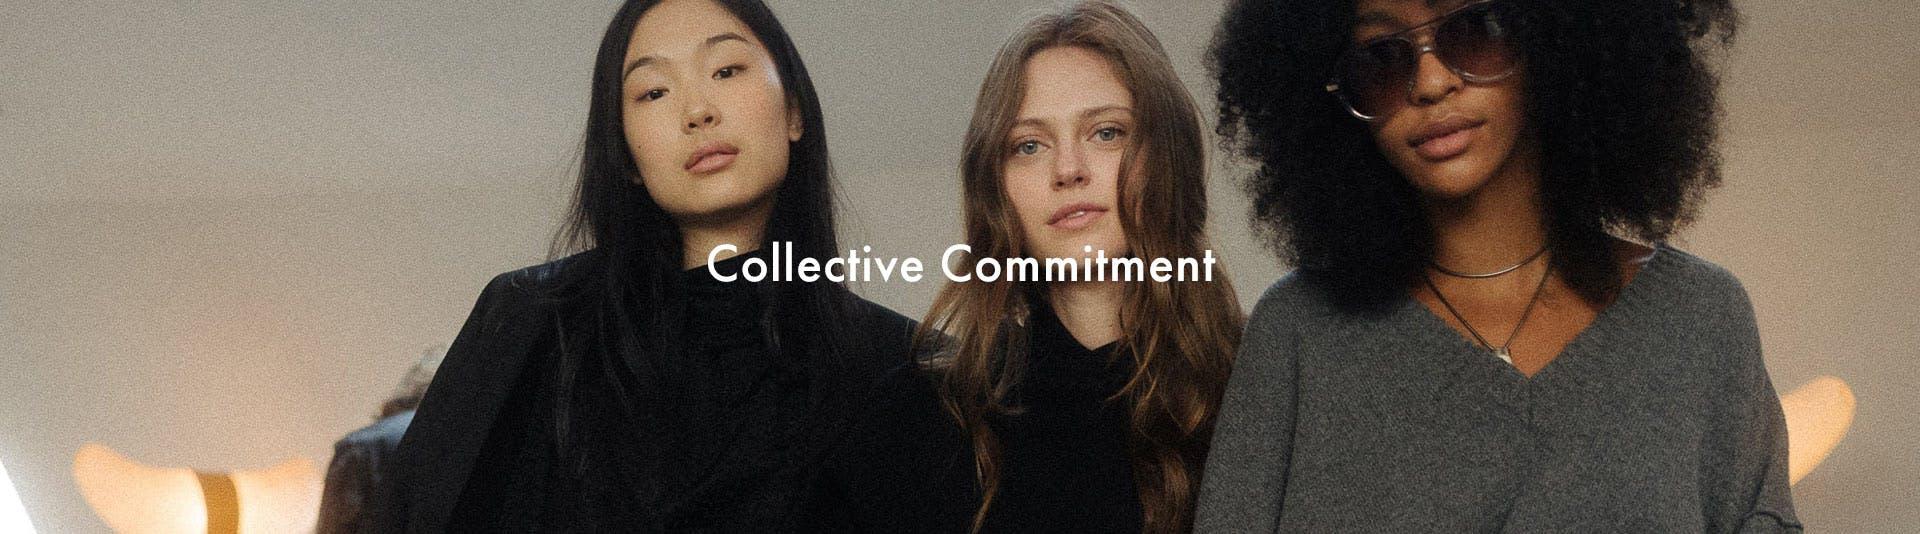 Voltaire program - collective commitment top-banner desktop